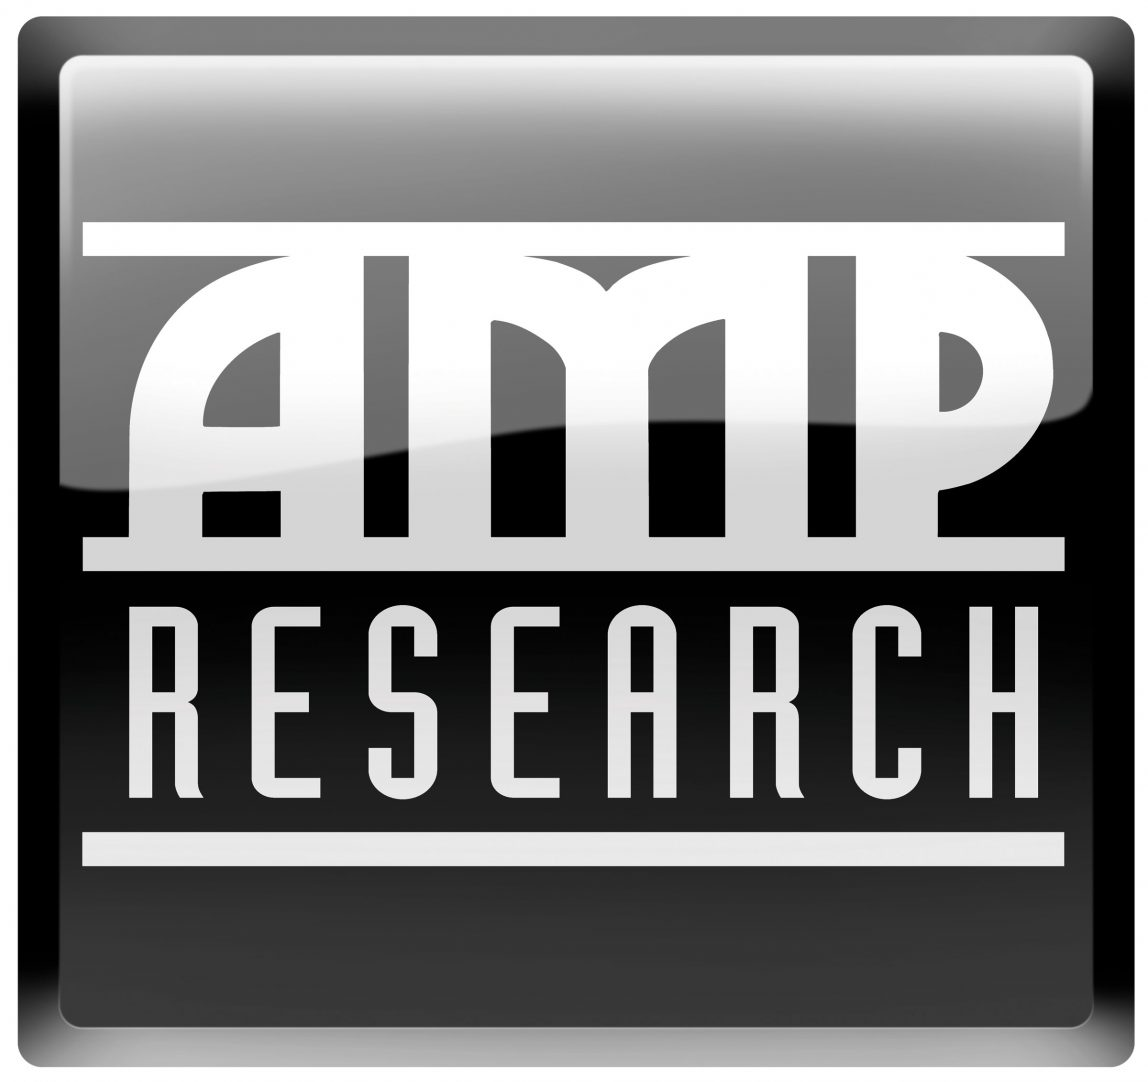 AMP_Black-logo-2.0.0.jpg